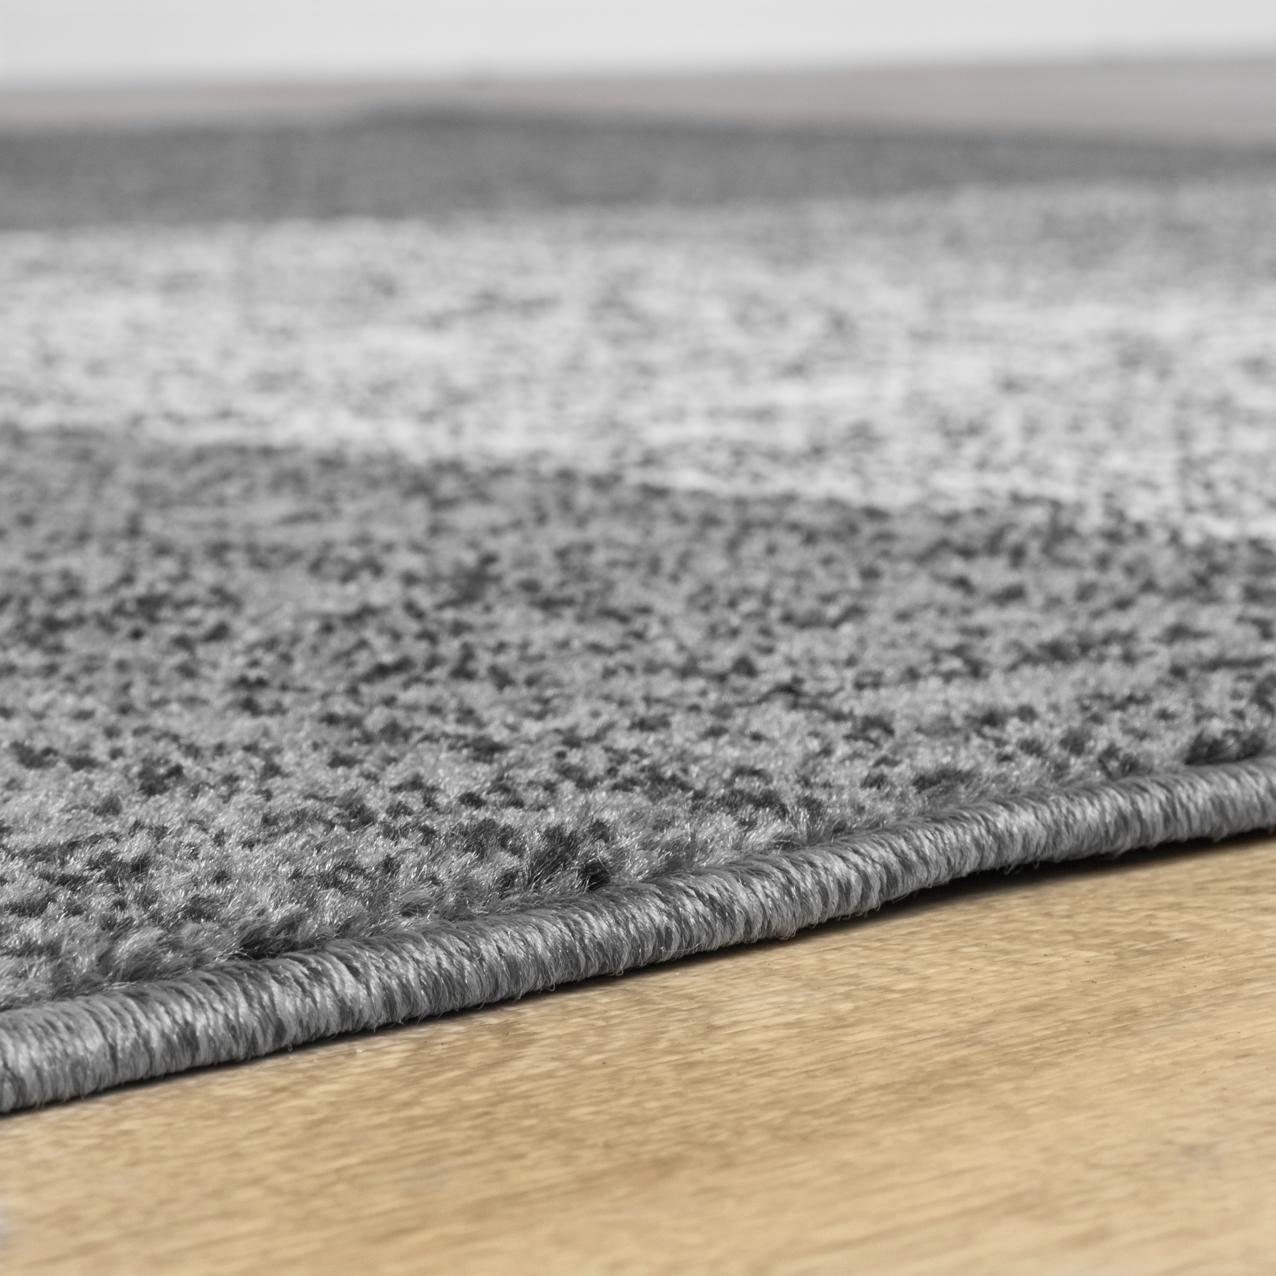 teppich f r das wohnzimmer kariert modern grau schwarz braun meliert moderne teppiche. Black Bedroom Furniture Sets. Home Design Ideas